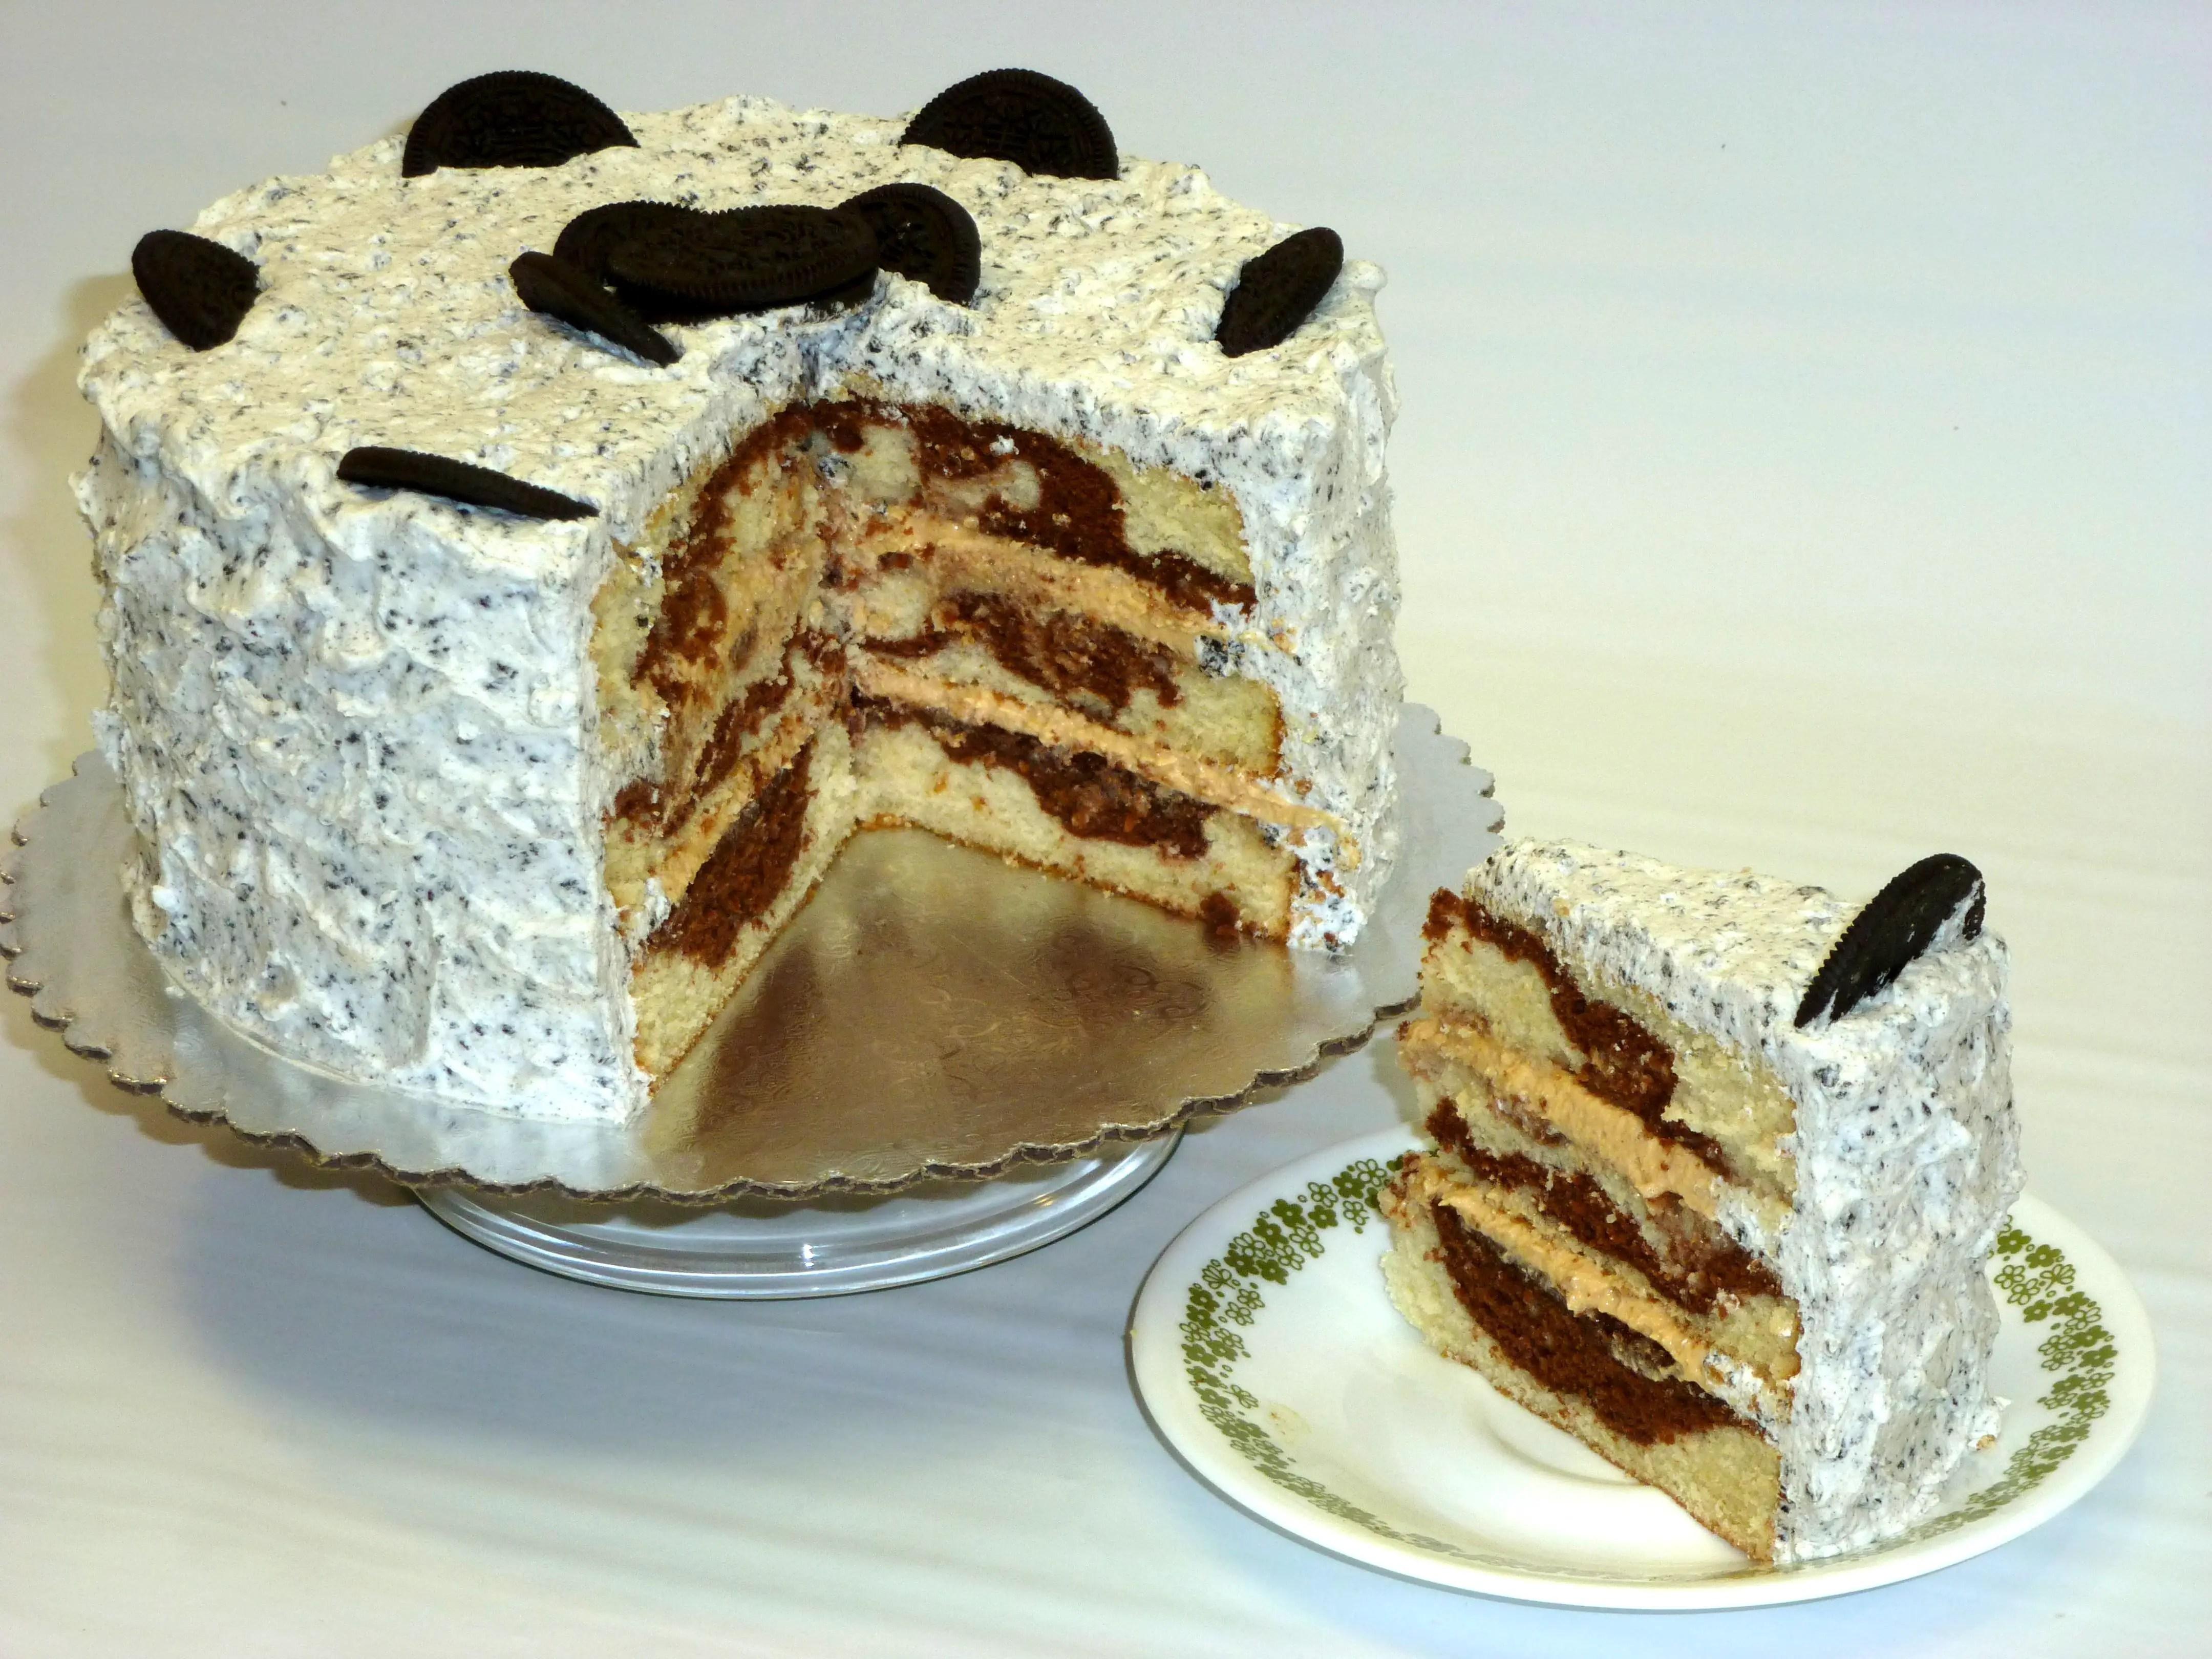 Torta de Vainilla y Chocolate con cubierta de mantequilla y galleta oreo - Club de Reposteria